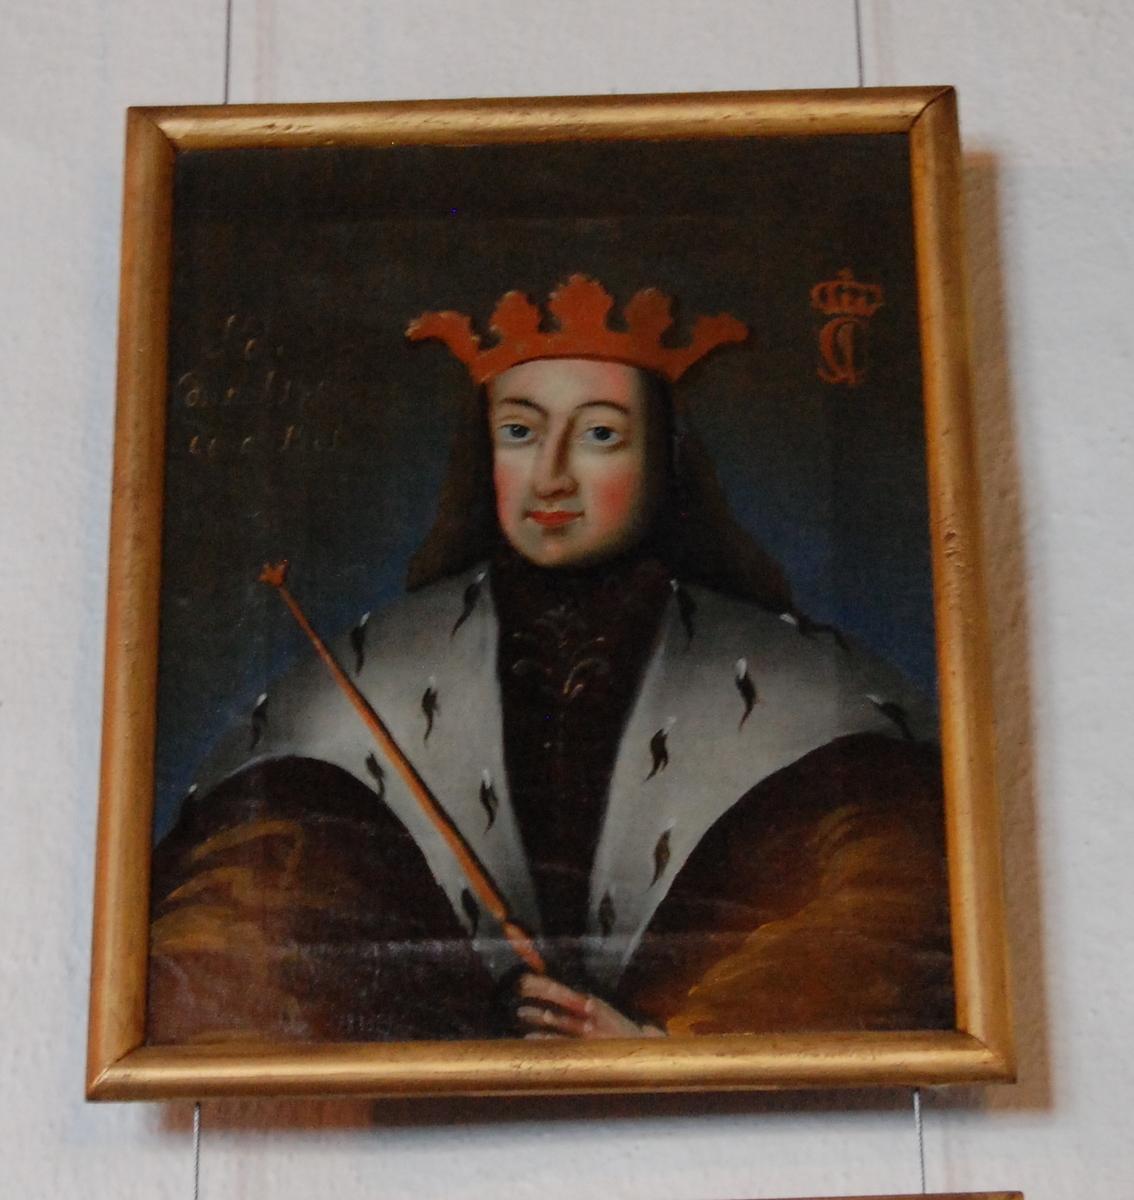 Portrett av Christian I. Olje på lerret. Halvfigur en face, hodet i kvart profil mot venstre. Brun kappe med hvit pelskrave, krone på hodet. Forgylt ramme.